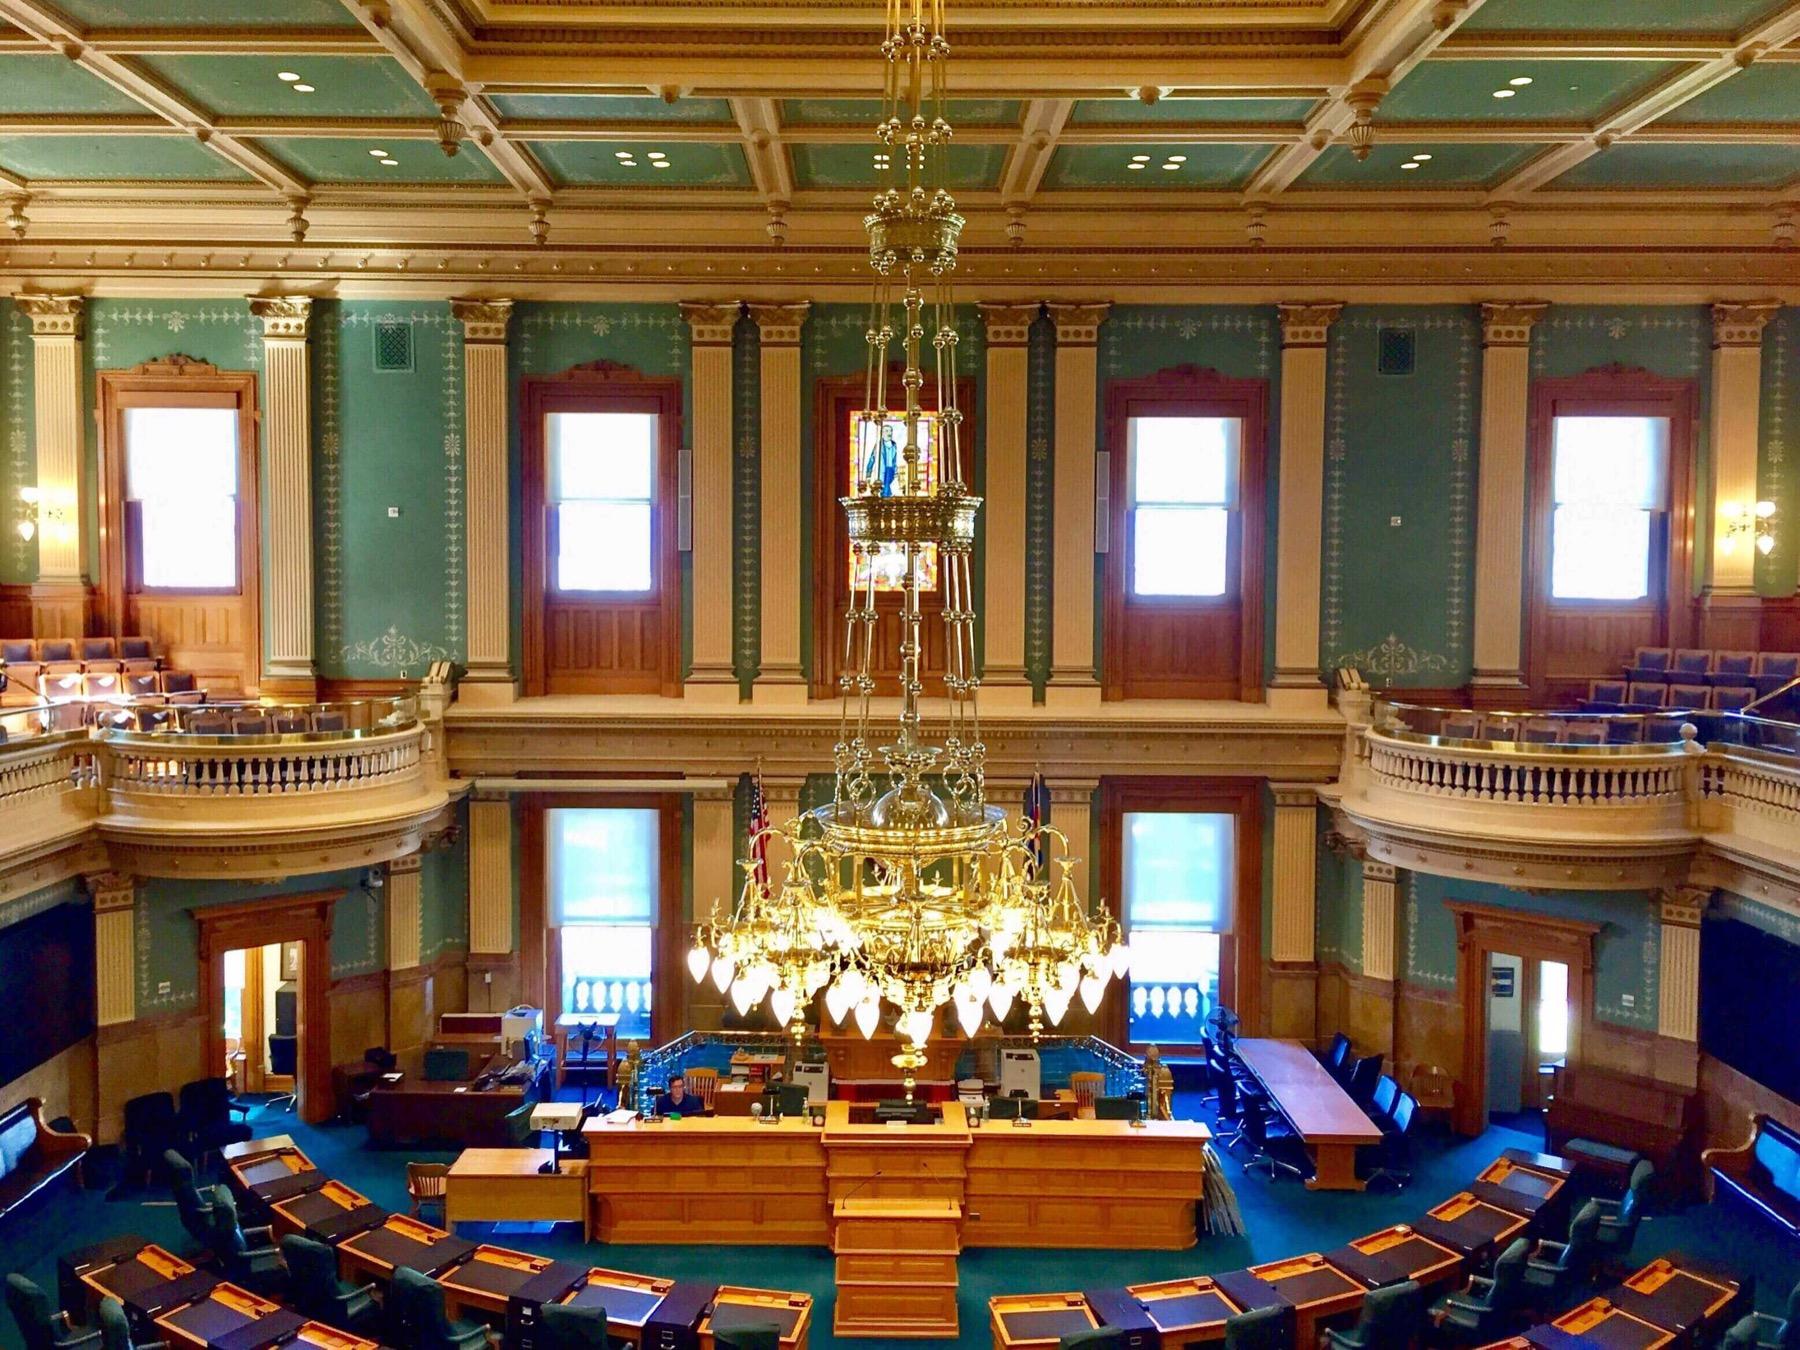 Interior of the colorado state legislature chamber